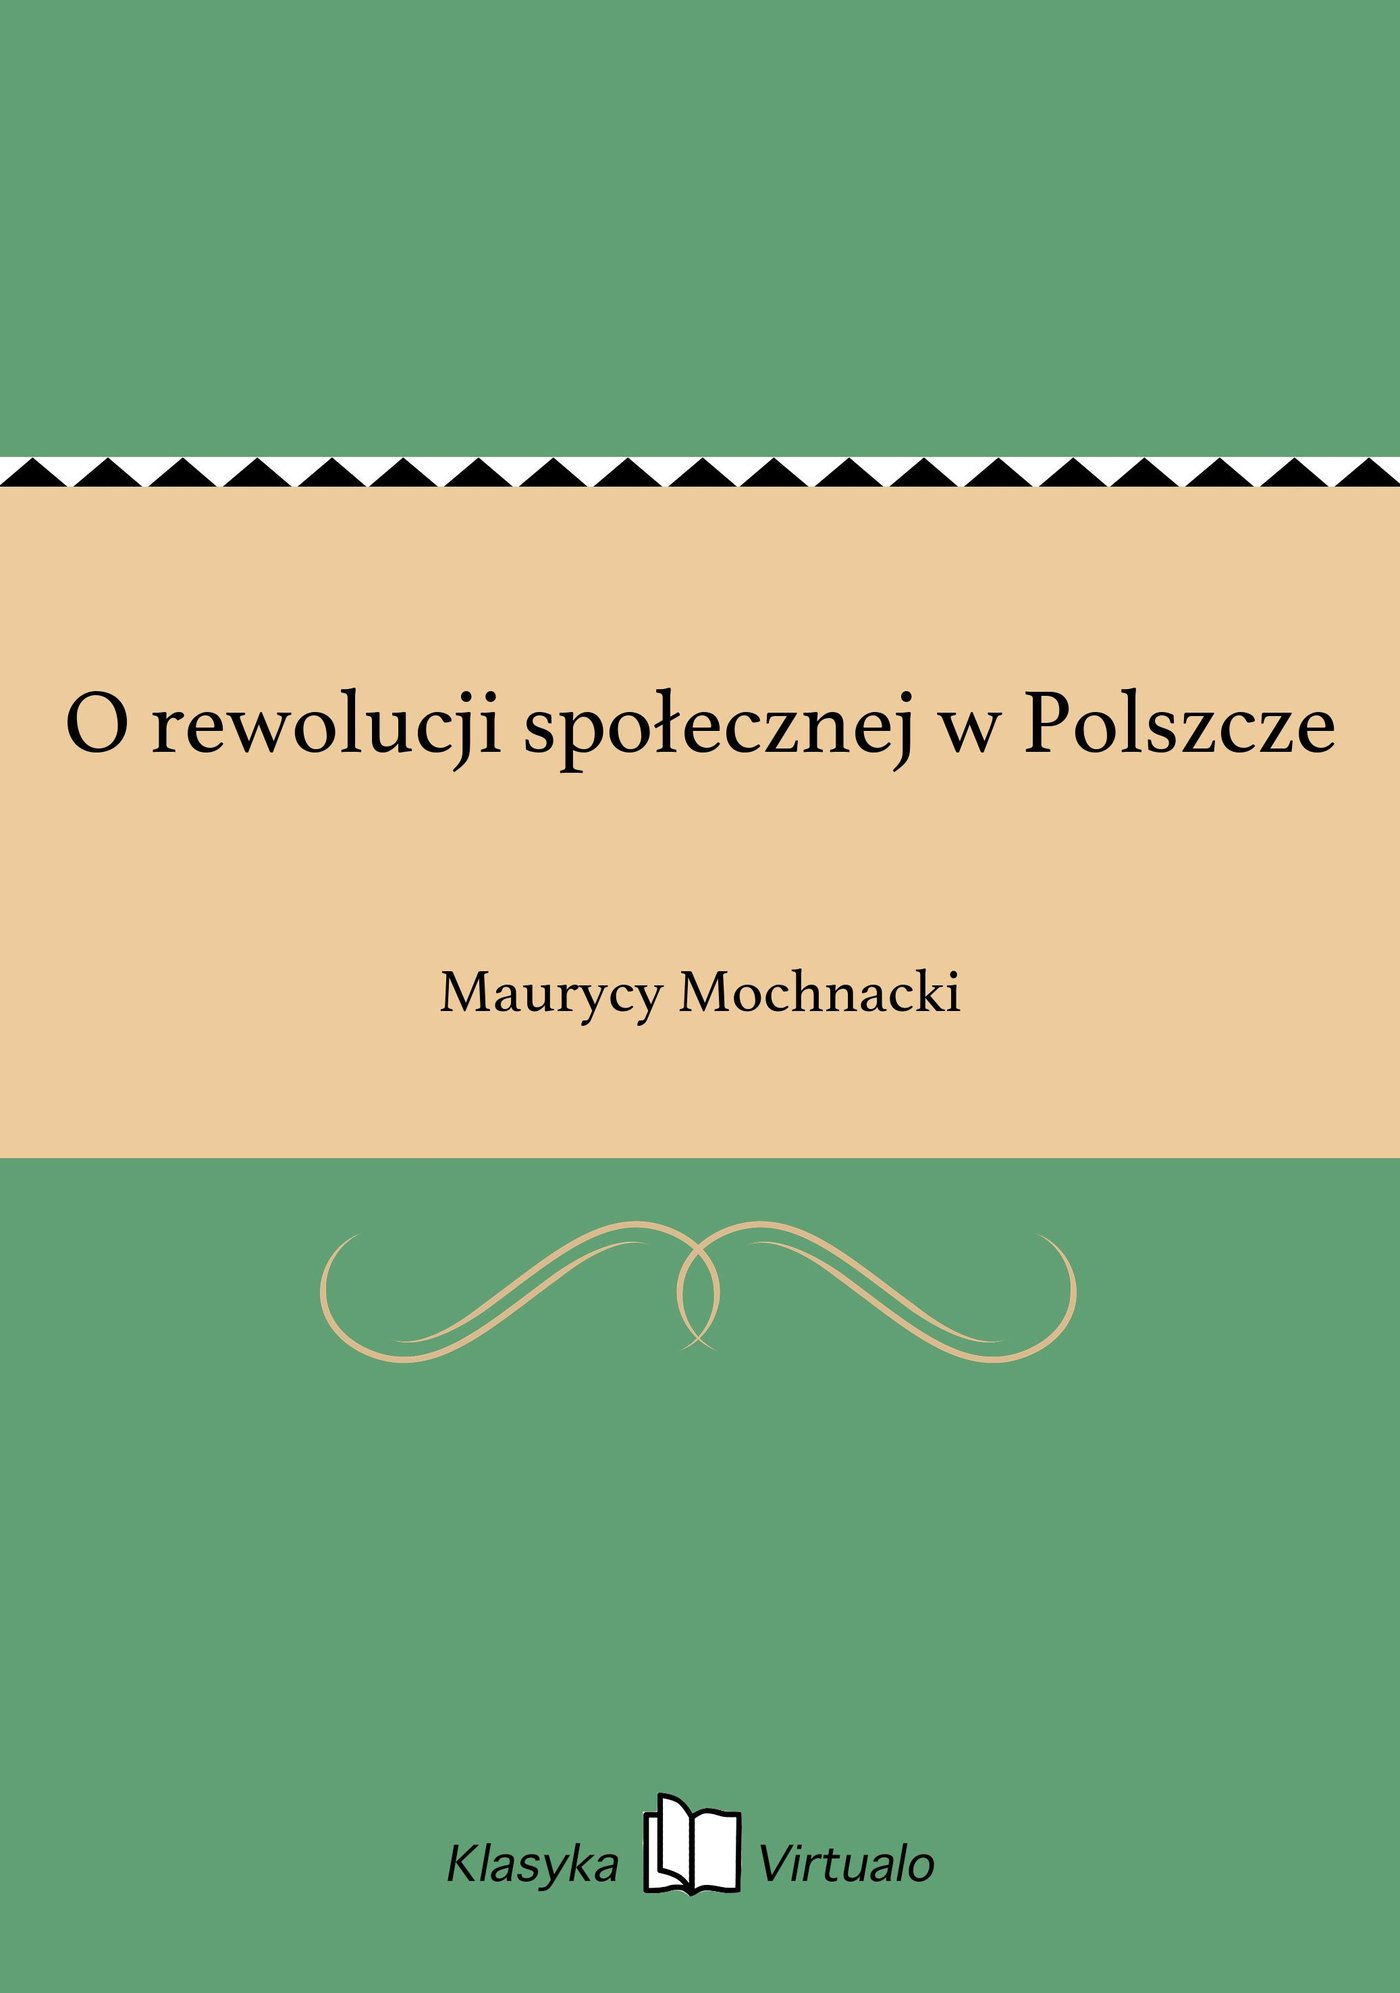 O rewolucji społecznej w Polszcze - Ebook (Książka EPUB) do pobrania w formacie EPUB